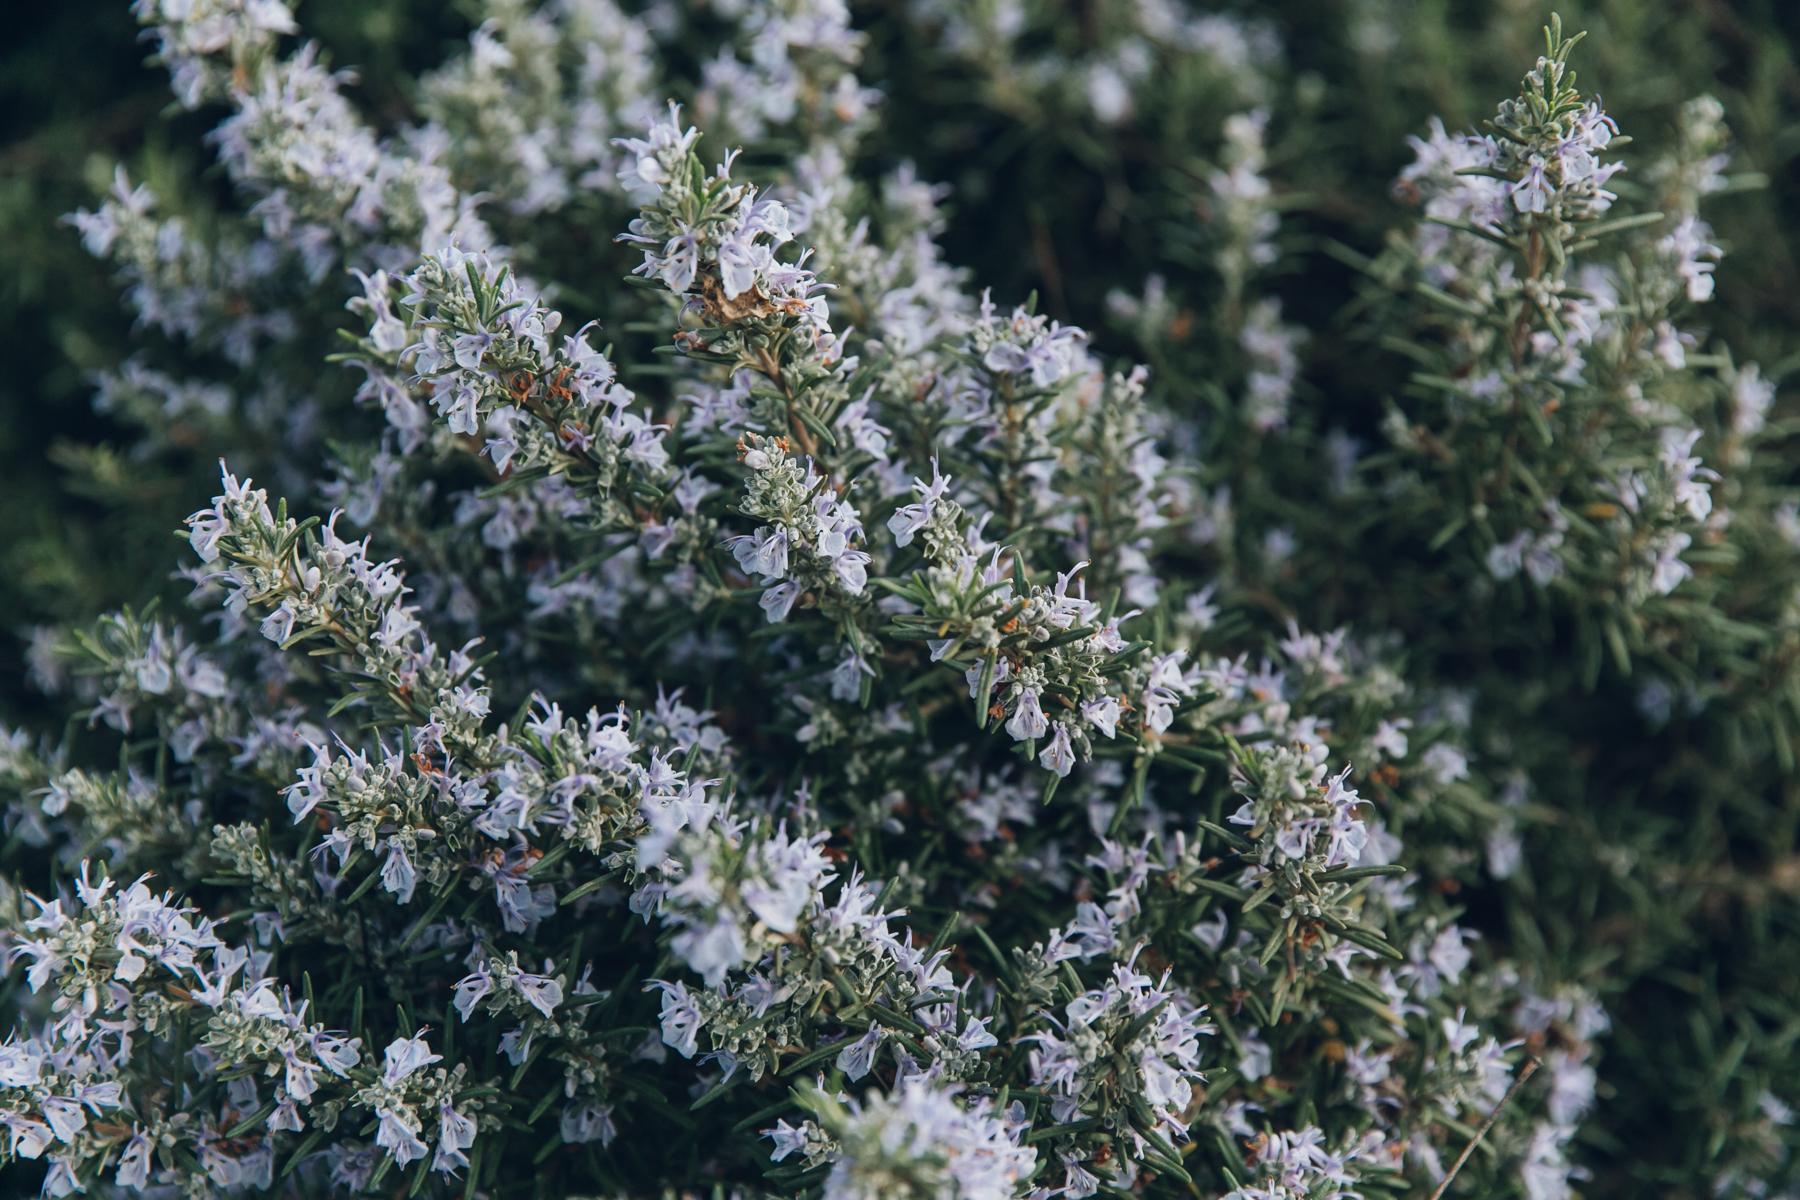 Rosemary flowers in bloom.